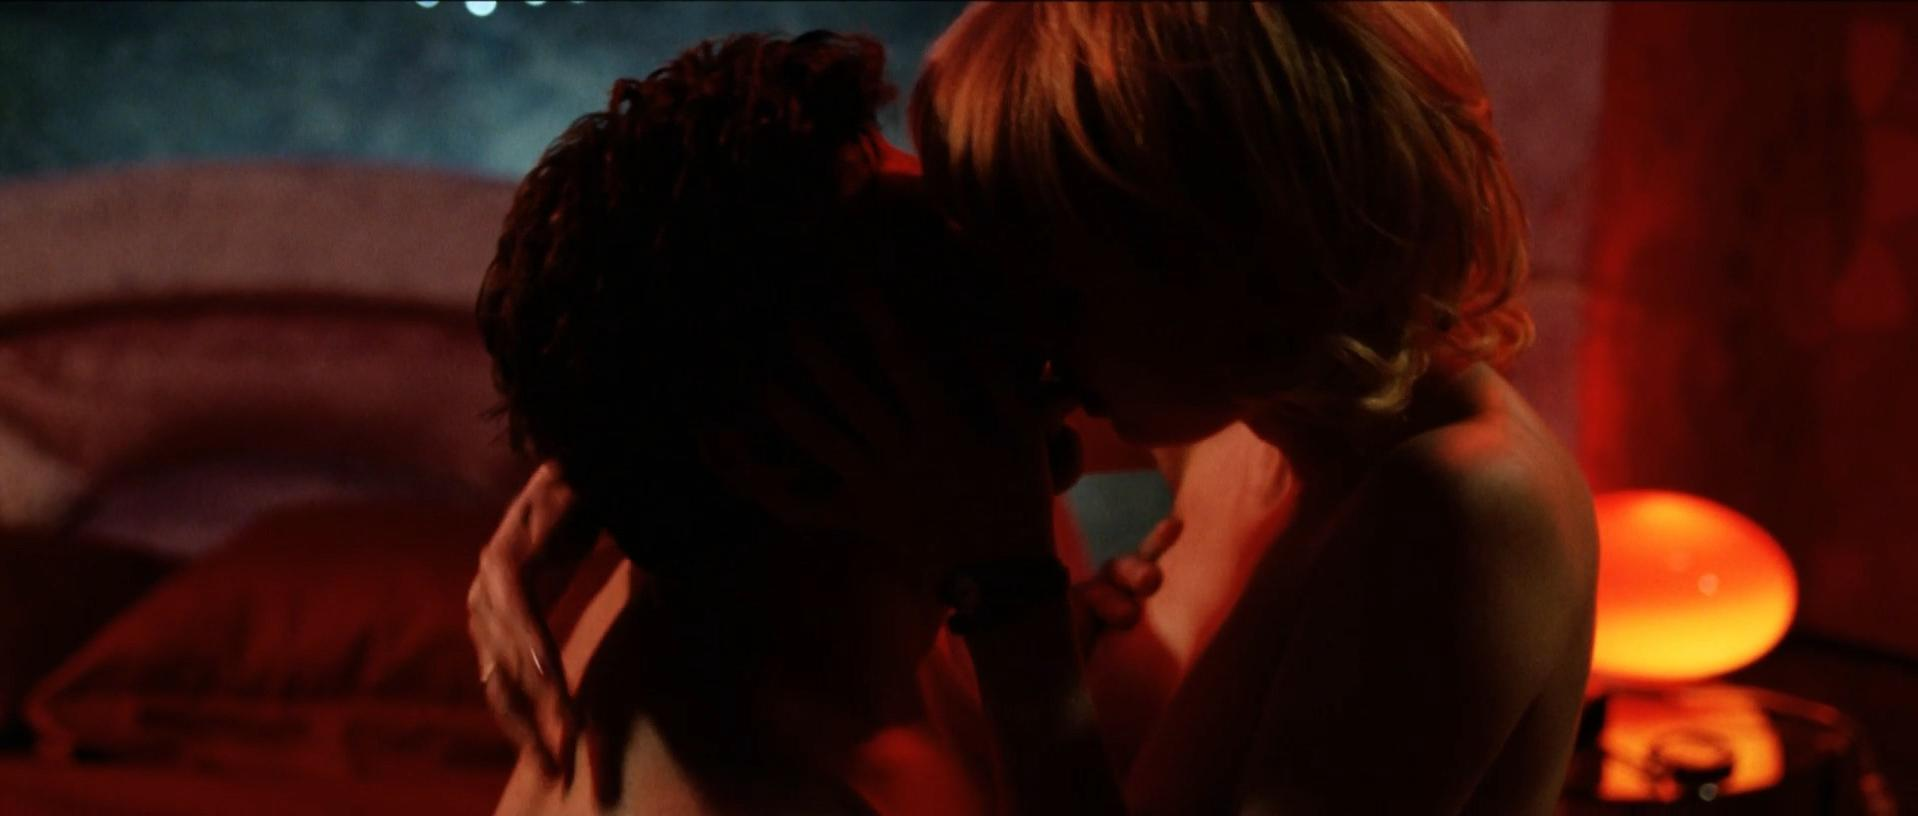 Alba Rohrwacher nude - Come Undone (2010)